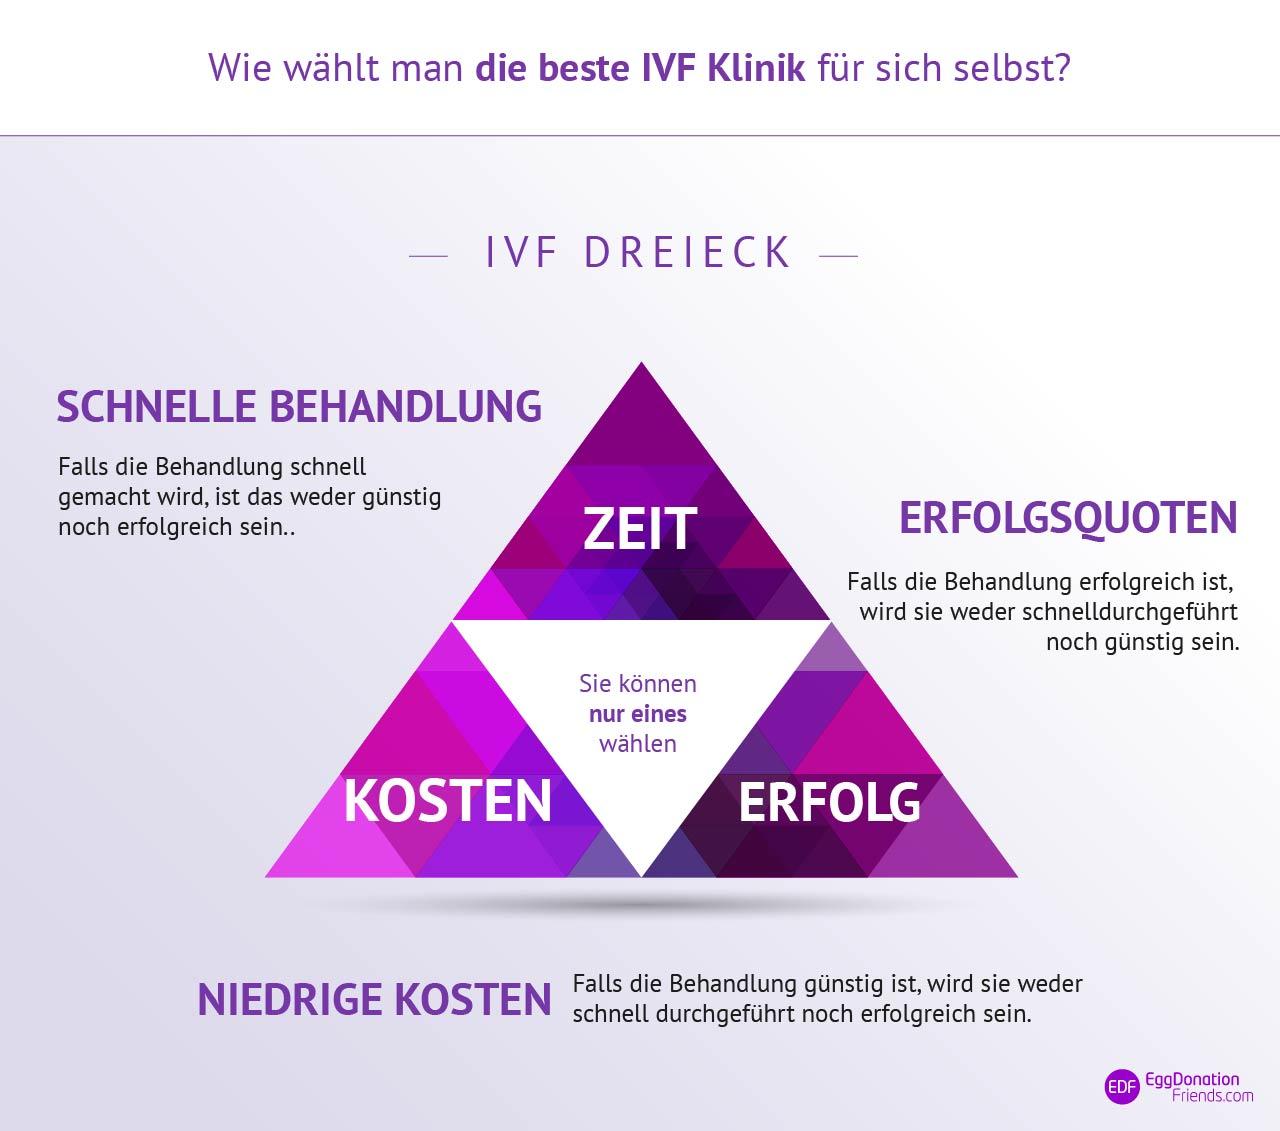 Wie wählt man die beste IVF Klinik für sich selbst? IVF Dreieck